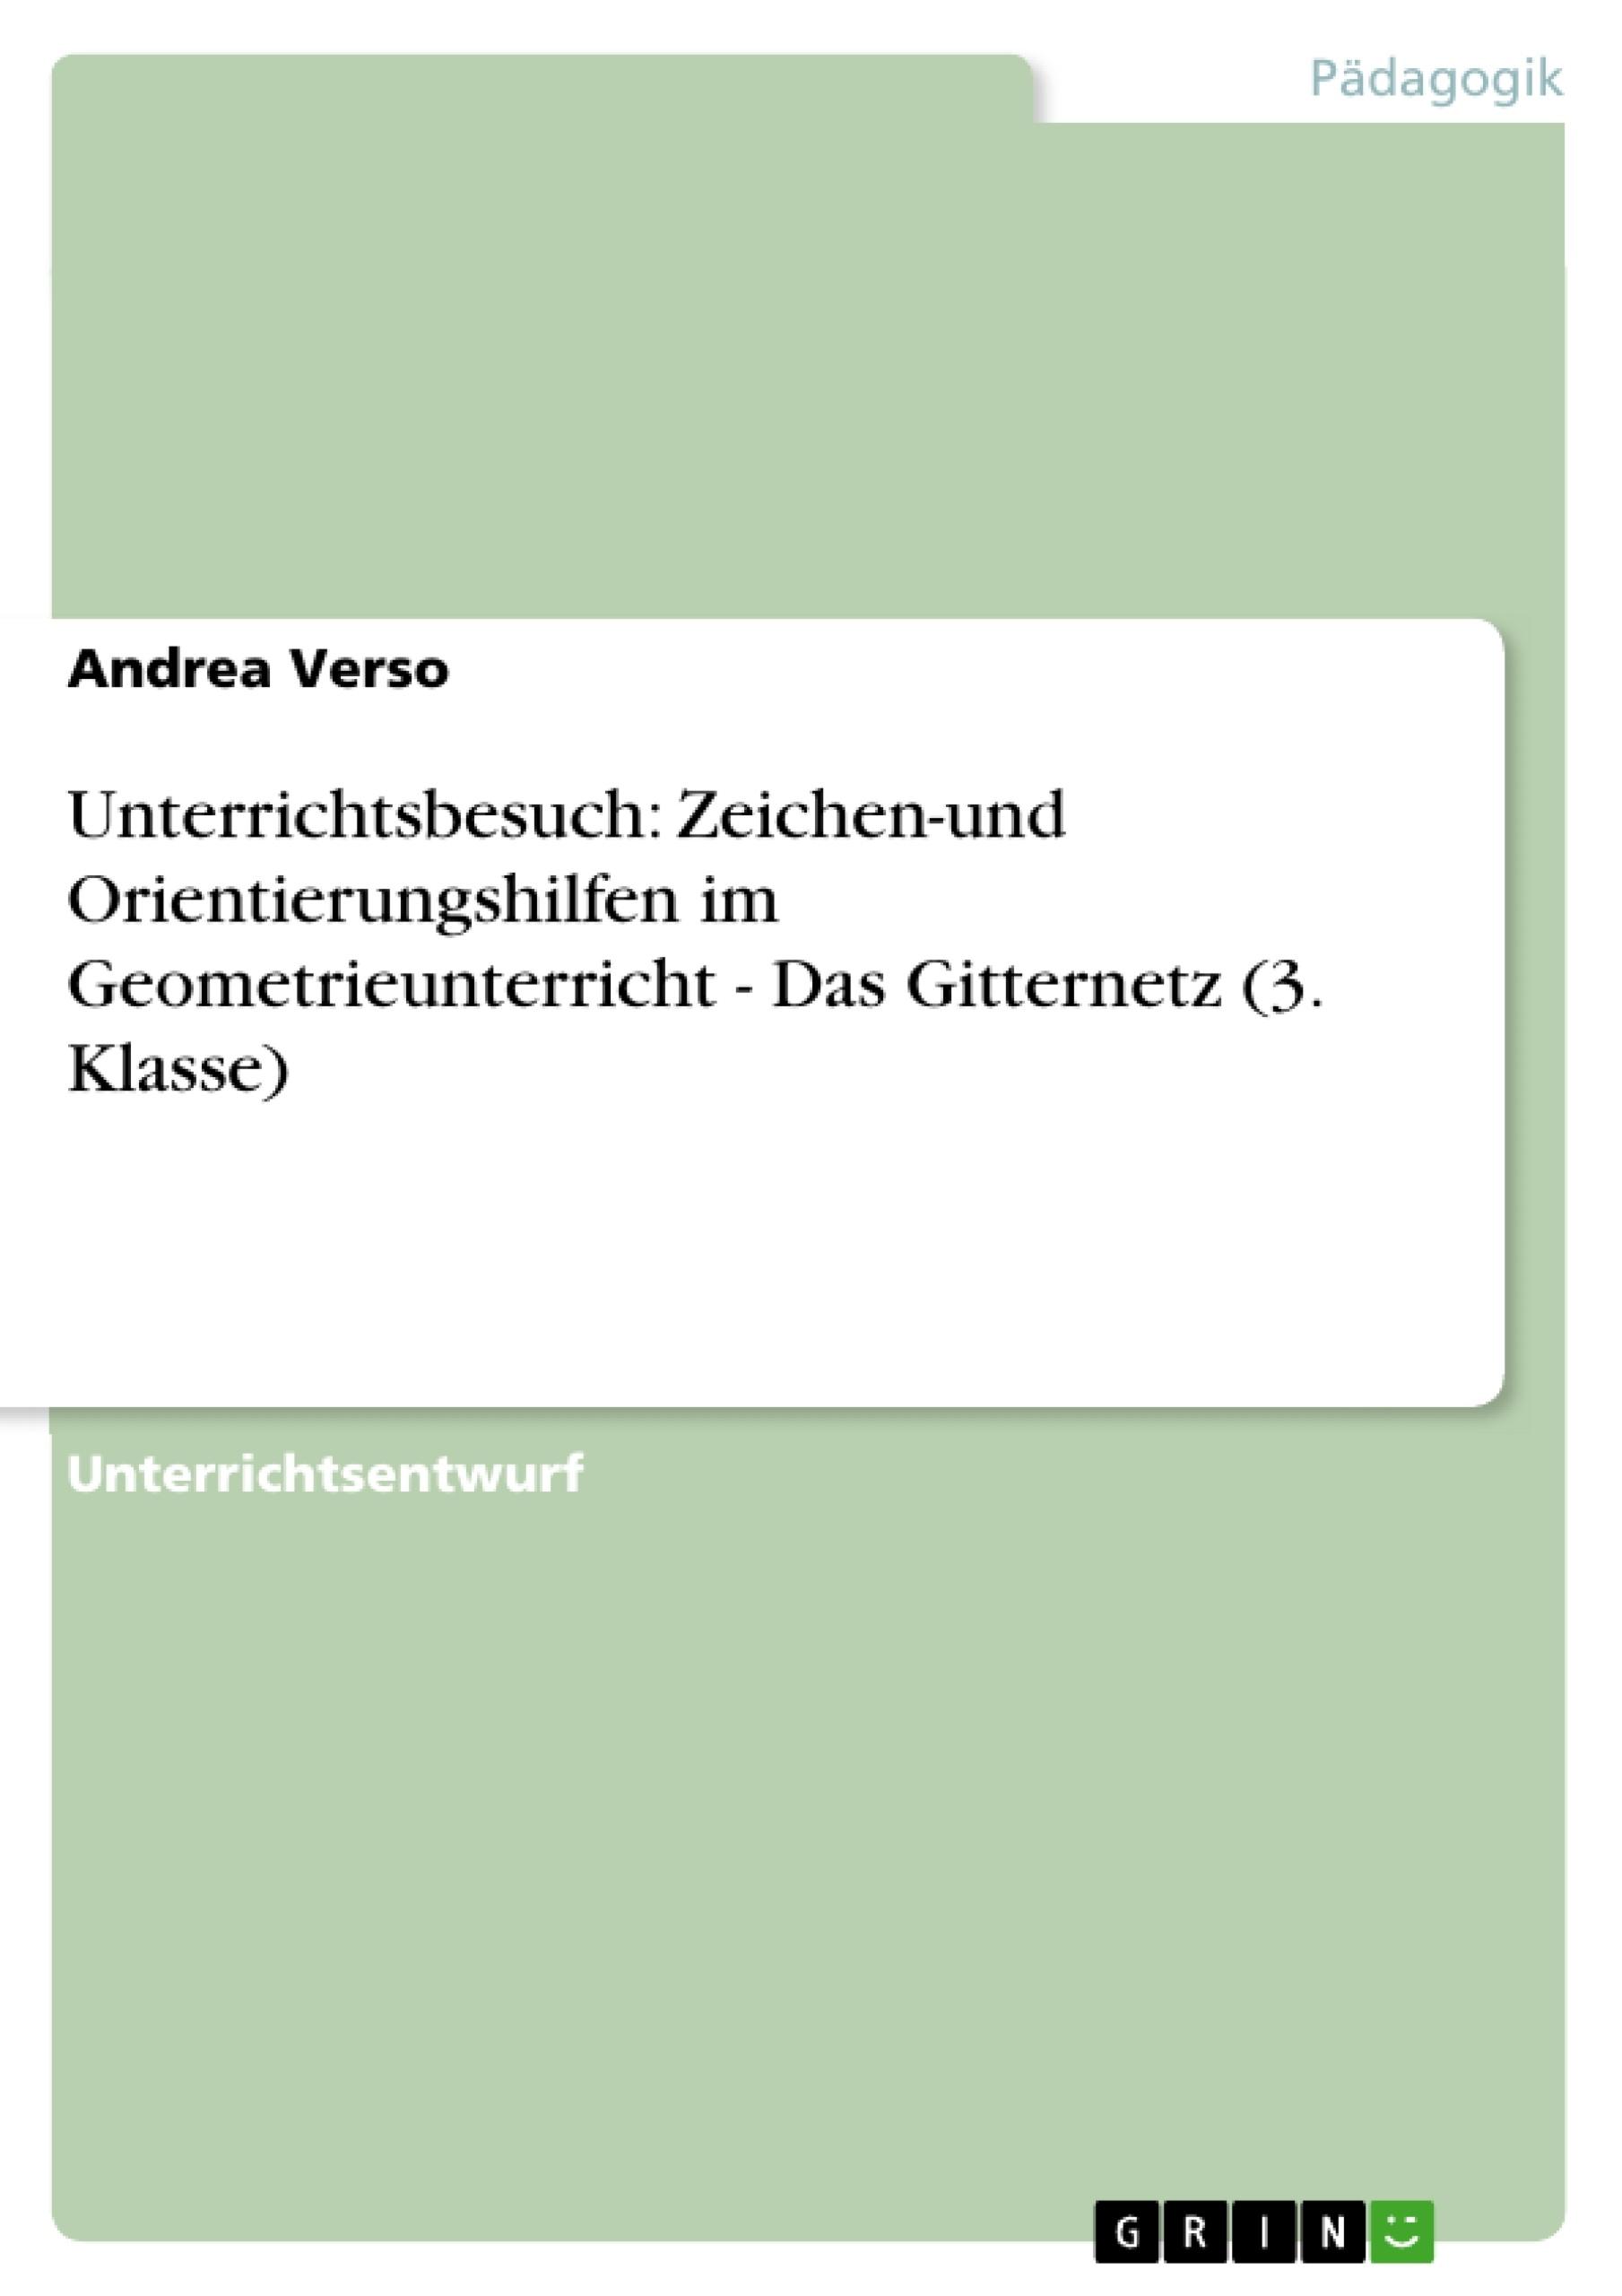 Titel: Unterrichtsbesuch: Zeichen-und Orientierungshilfen im Geometrieunterricht - Das Gitternetz (3. Klasse)